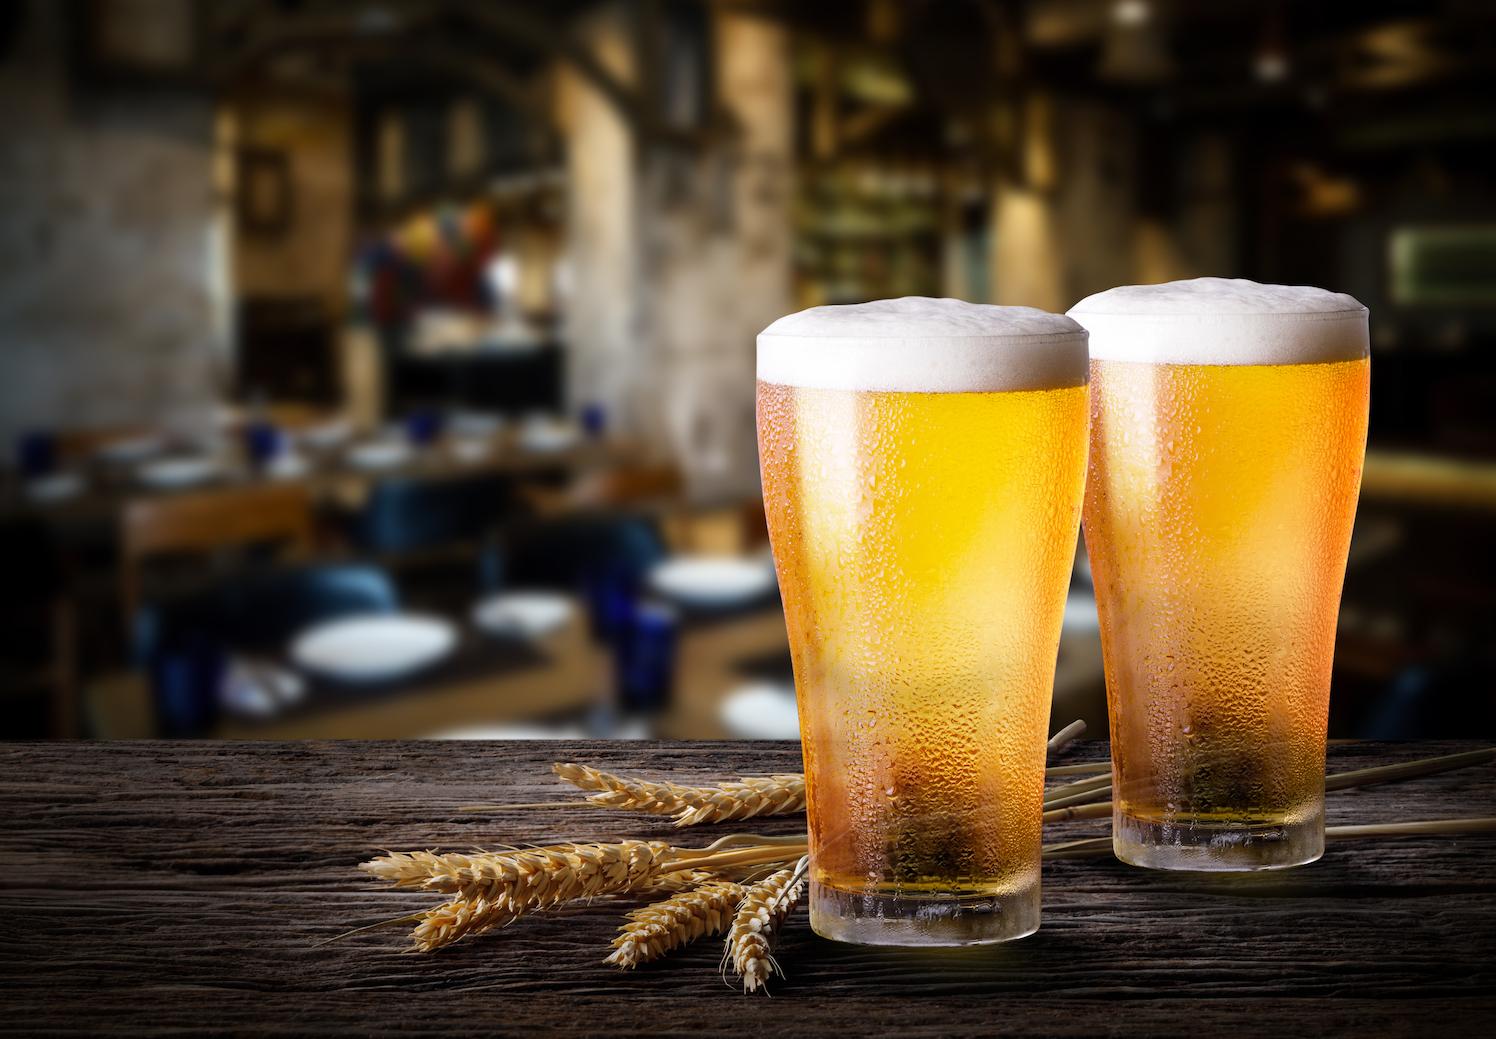 Cervezeando - el blog sobre cerveza sin complejos